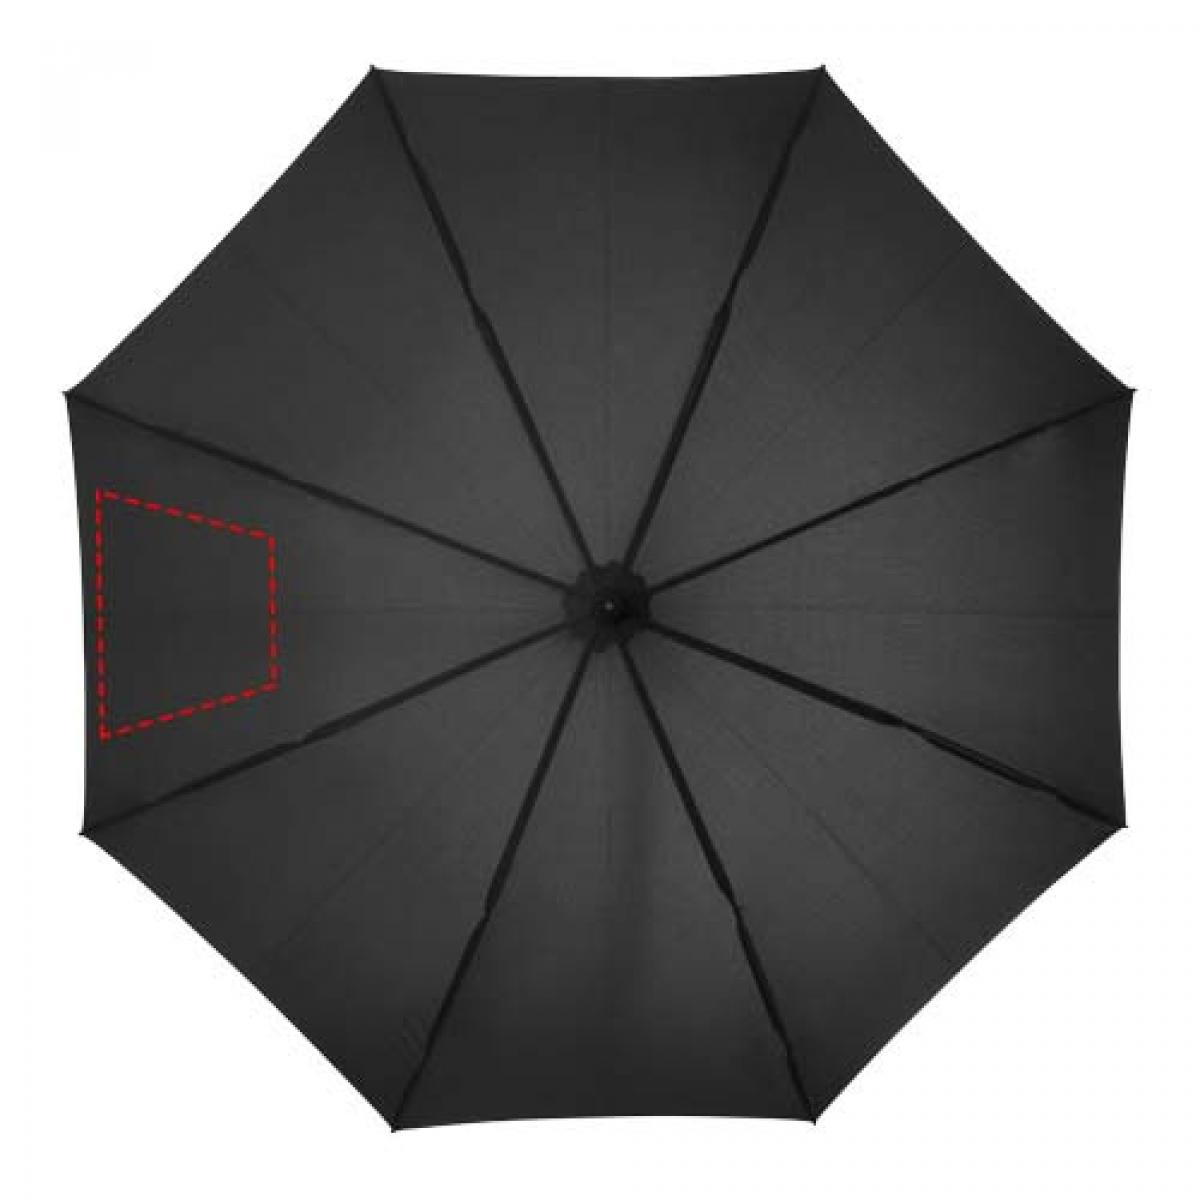 Noon automatische stormparaplu - 7de paneel